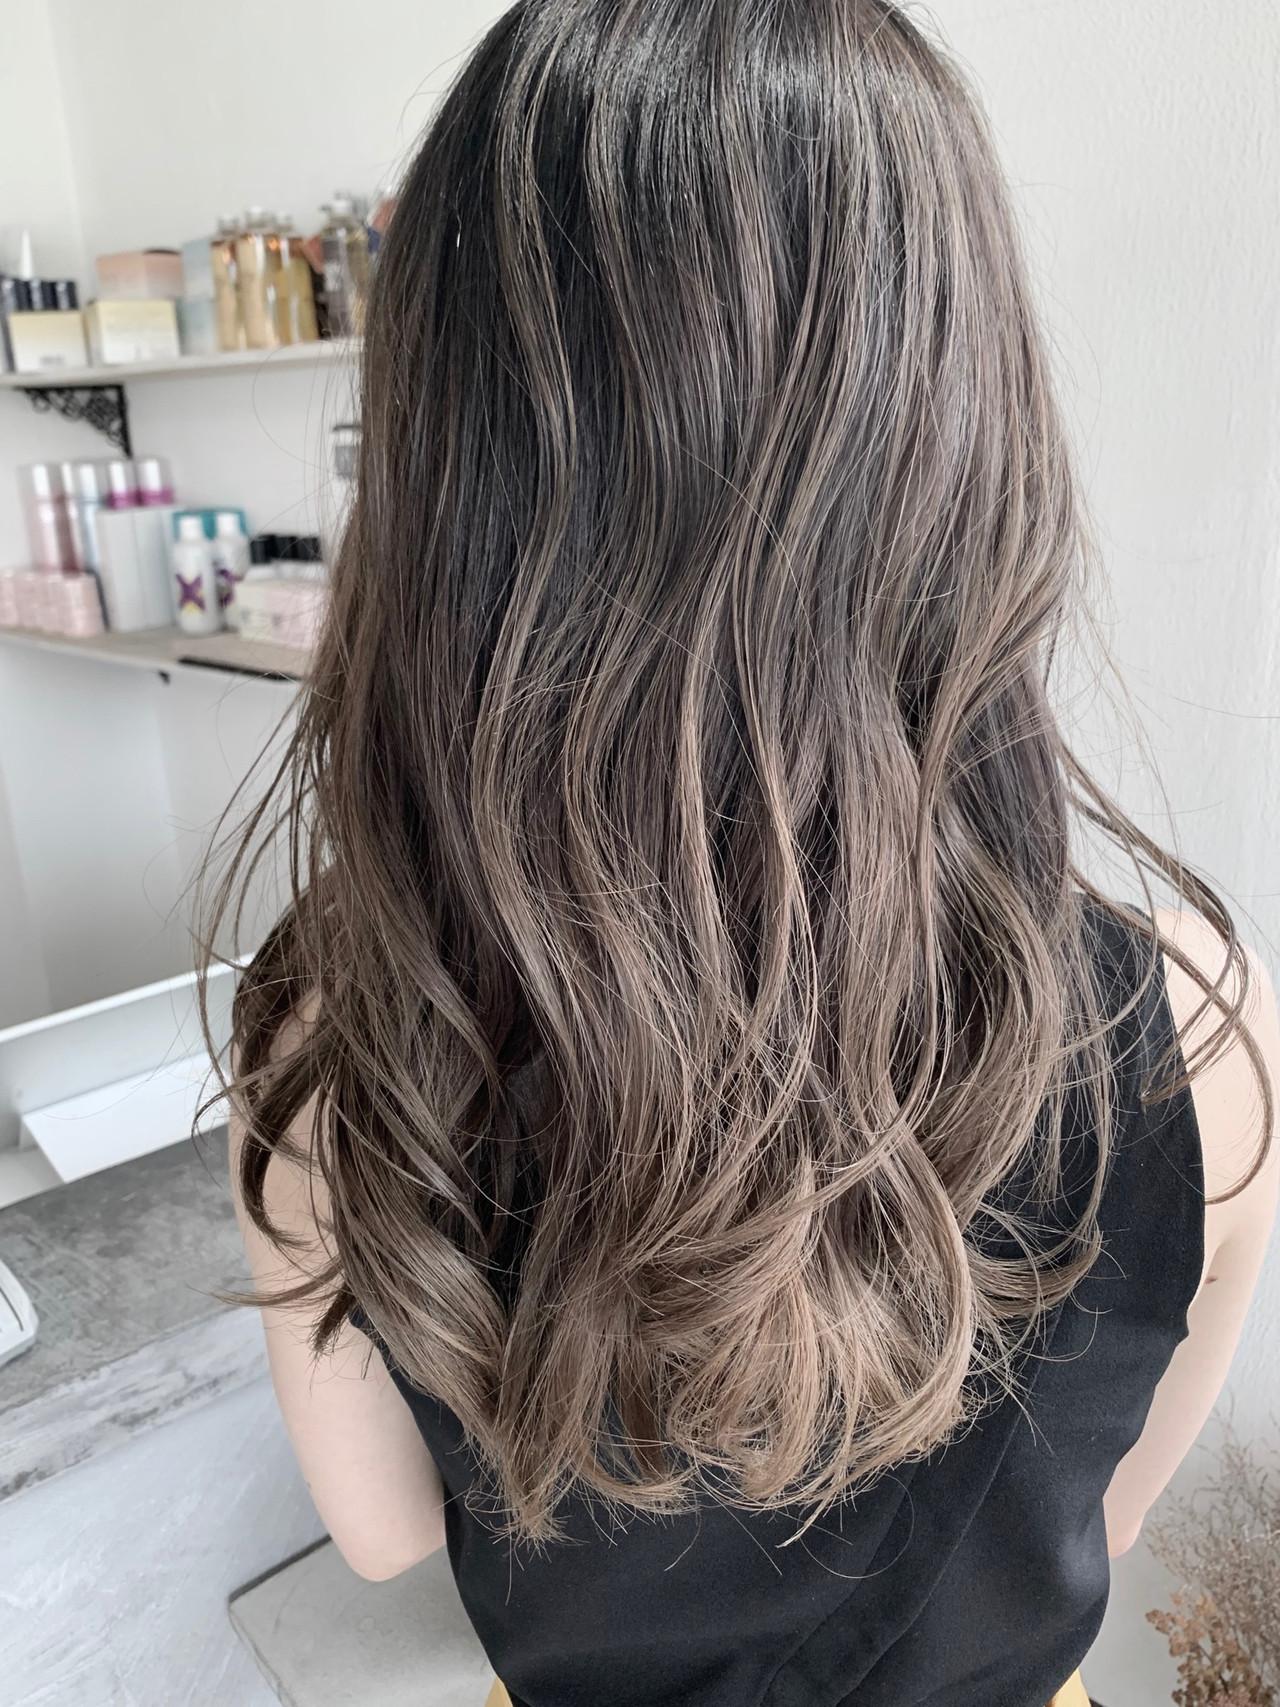 大人かわいい グレージュ バレイヤージュ 透明感カラー ヘアスタイルや髪型の写真・画像   ユアサケンイチ(湯浅 賢一) / Ferreira (フェレイラ)